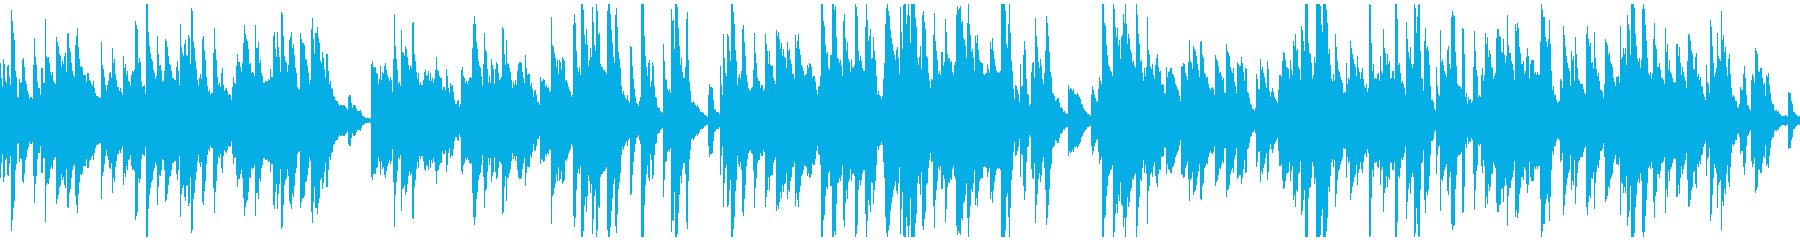 可愛い&優しいピアノソロ【ループ】の再生済みの波形